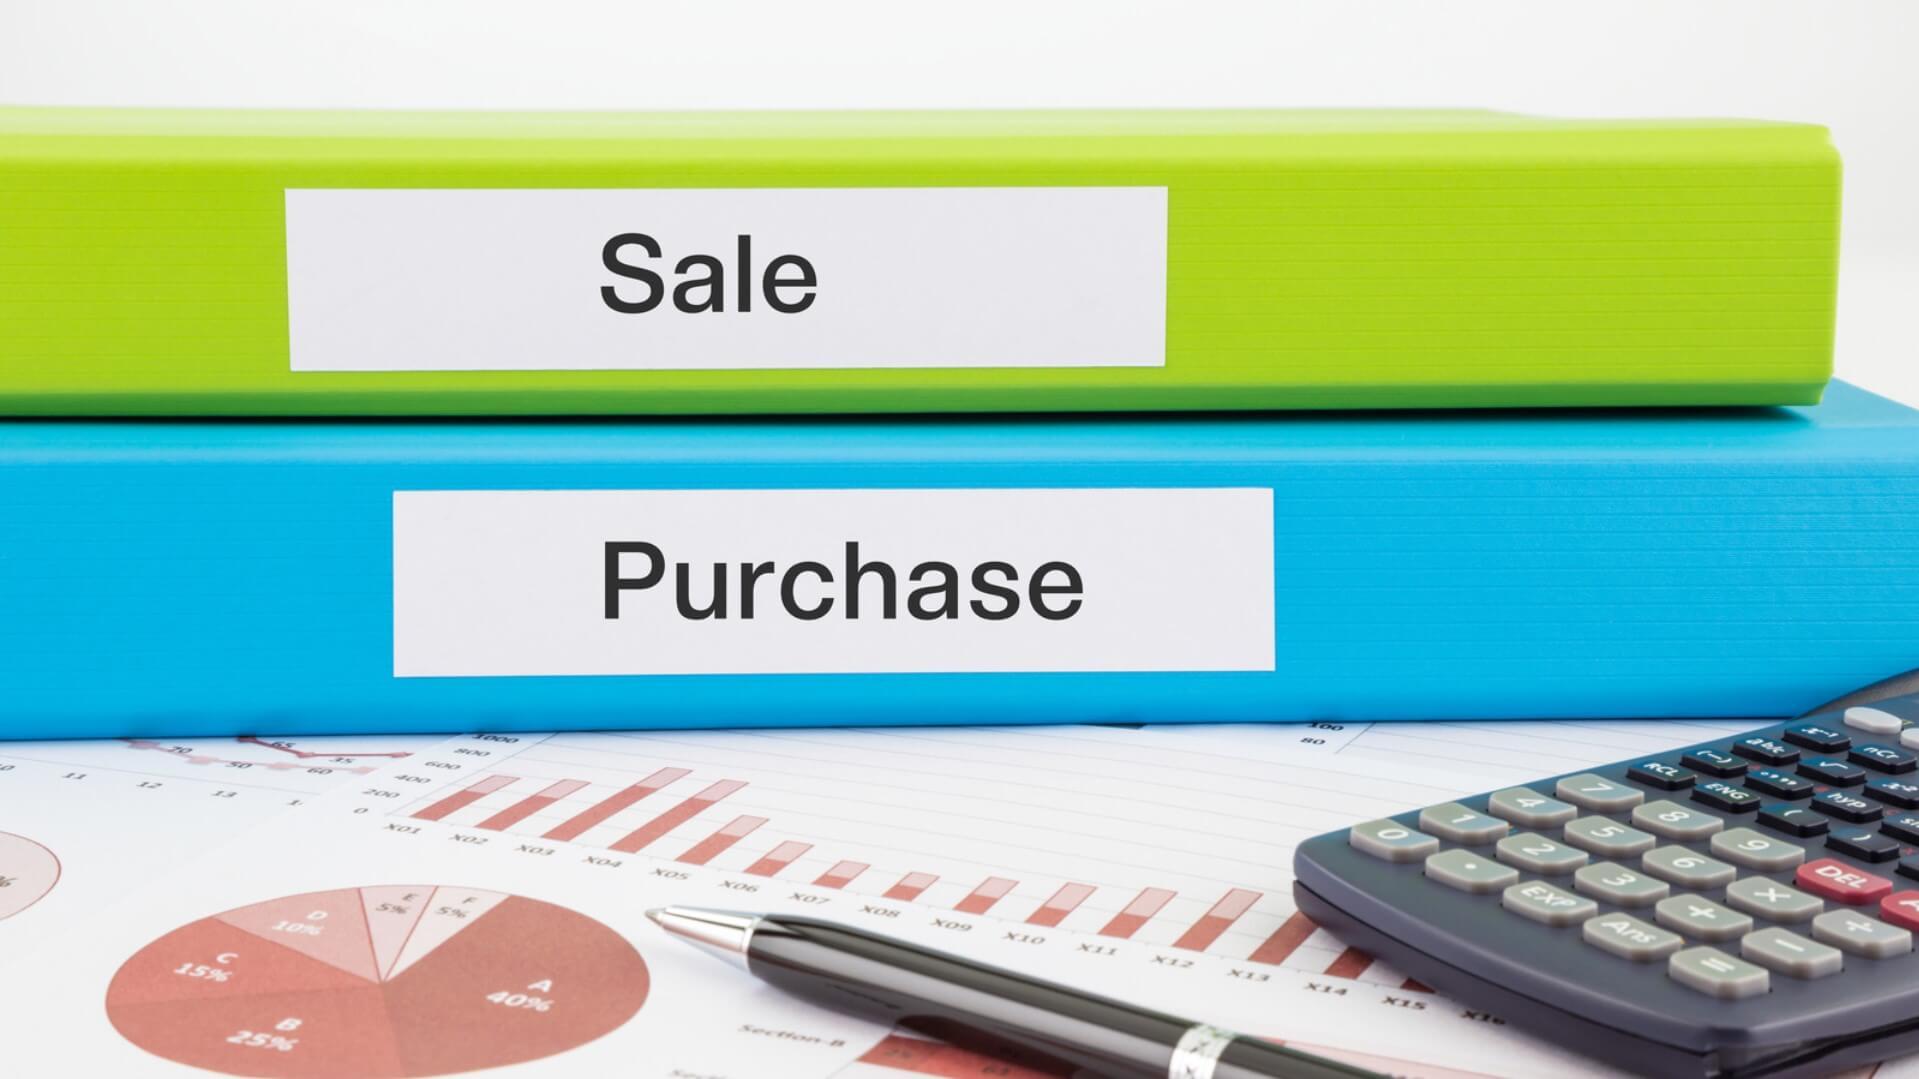 """Объединение закупки зерна с продажей для автоматического расчета рентабельности сделки и контроля хода исполнения: понятие """"Паспорта сделки"""" в GrainTrack"""